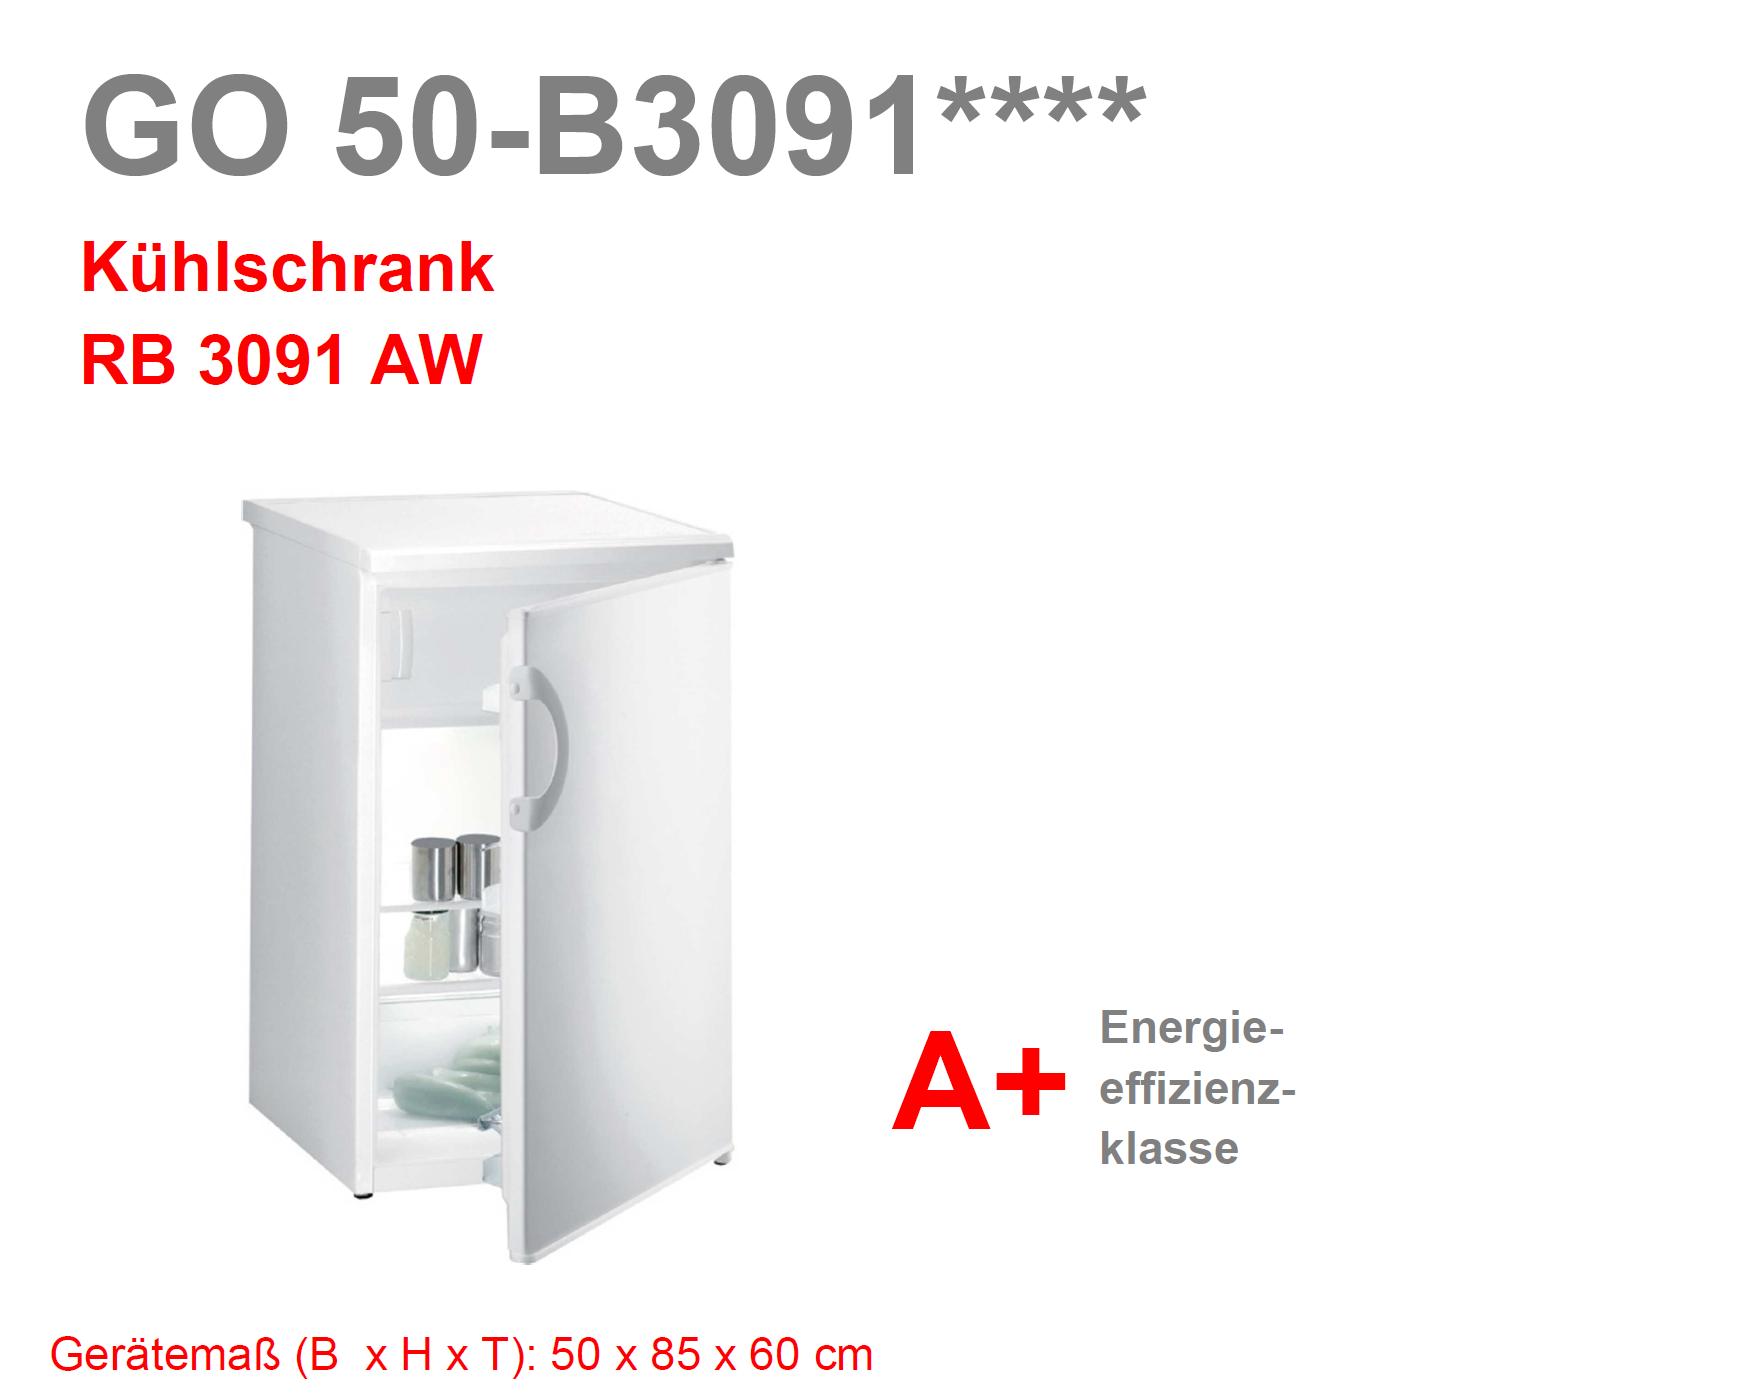 khlschrank im angebot top beko side by side khlschrank top angebot in wiesbaden with khlschrank. Black Bedroom Furniture Sets. Home Design Ideas